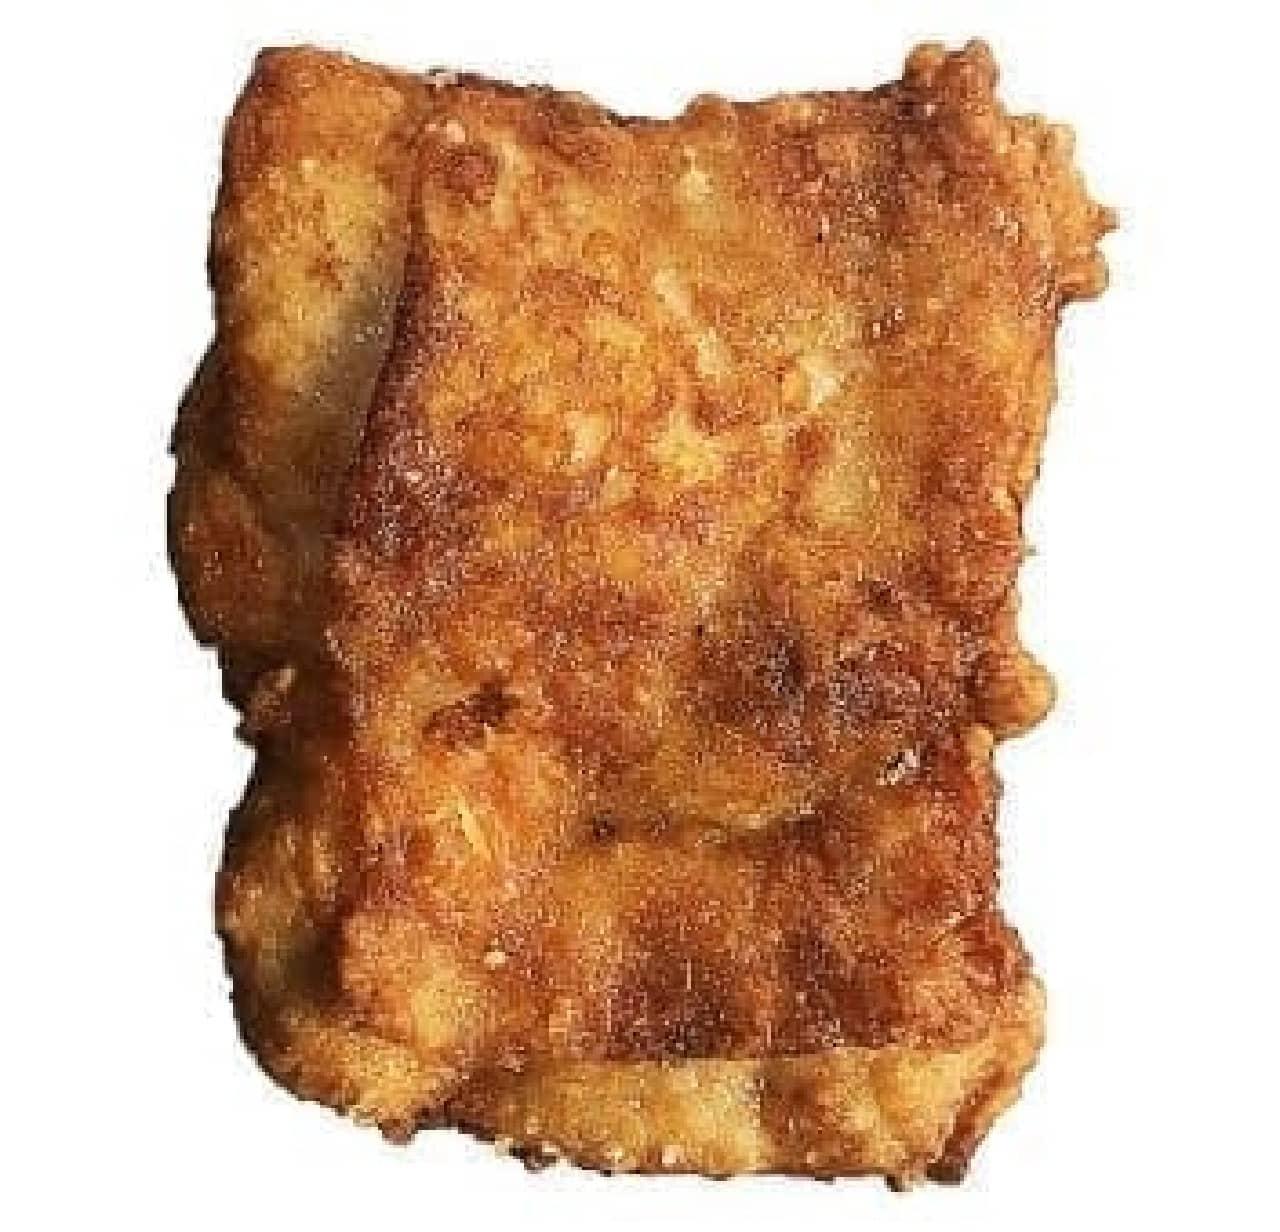 セブン-イレブン「BIG揚げ鶏」